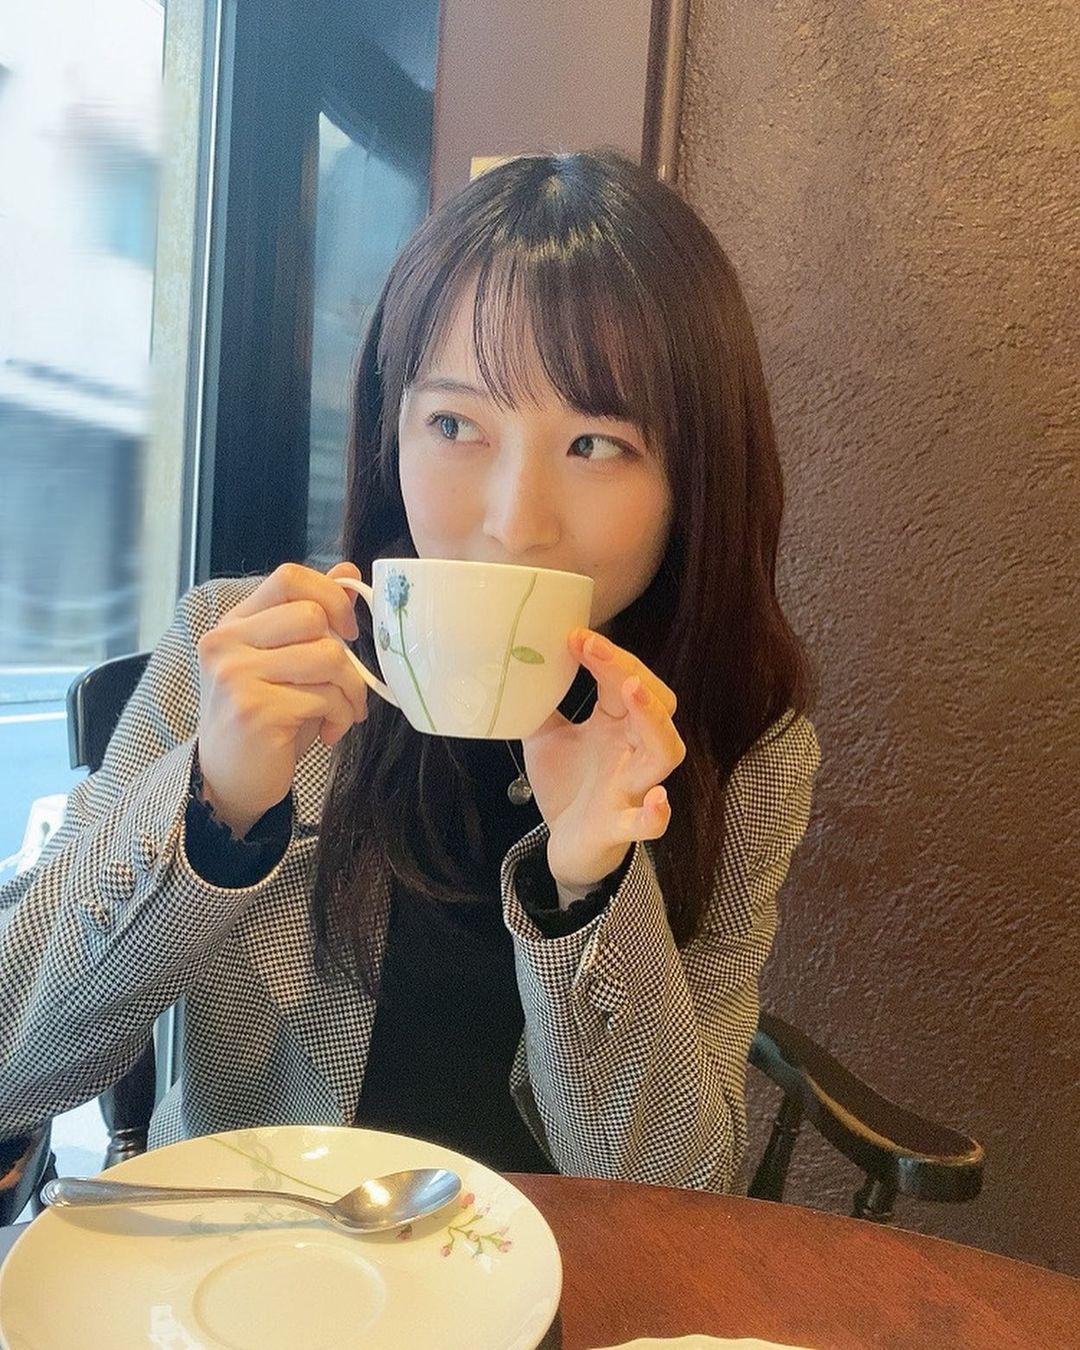 甜美小吃货森戸知沙希大口吃美食画面超疗愈疲惫心灵也跟着得到满足 养眼图片 第20张